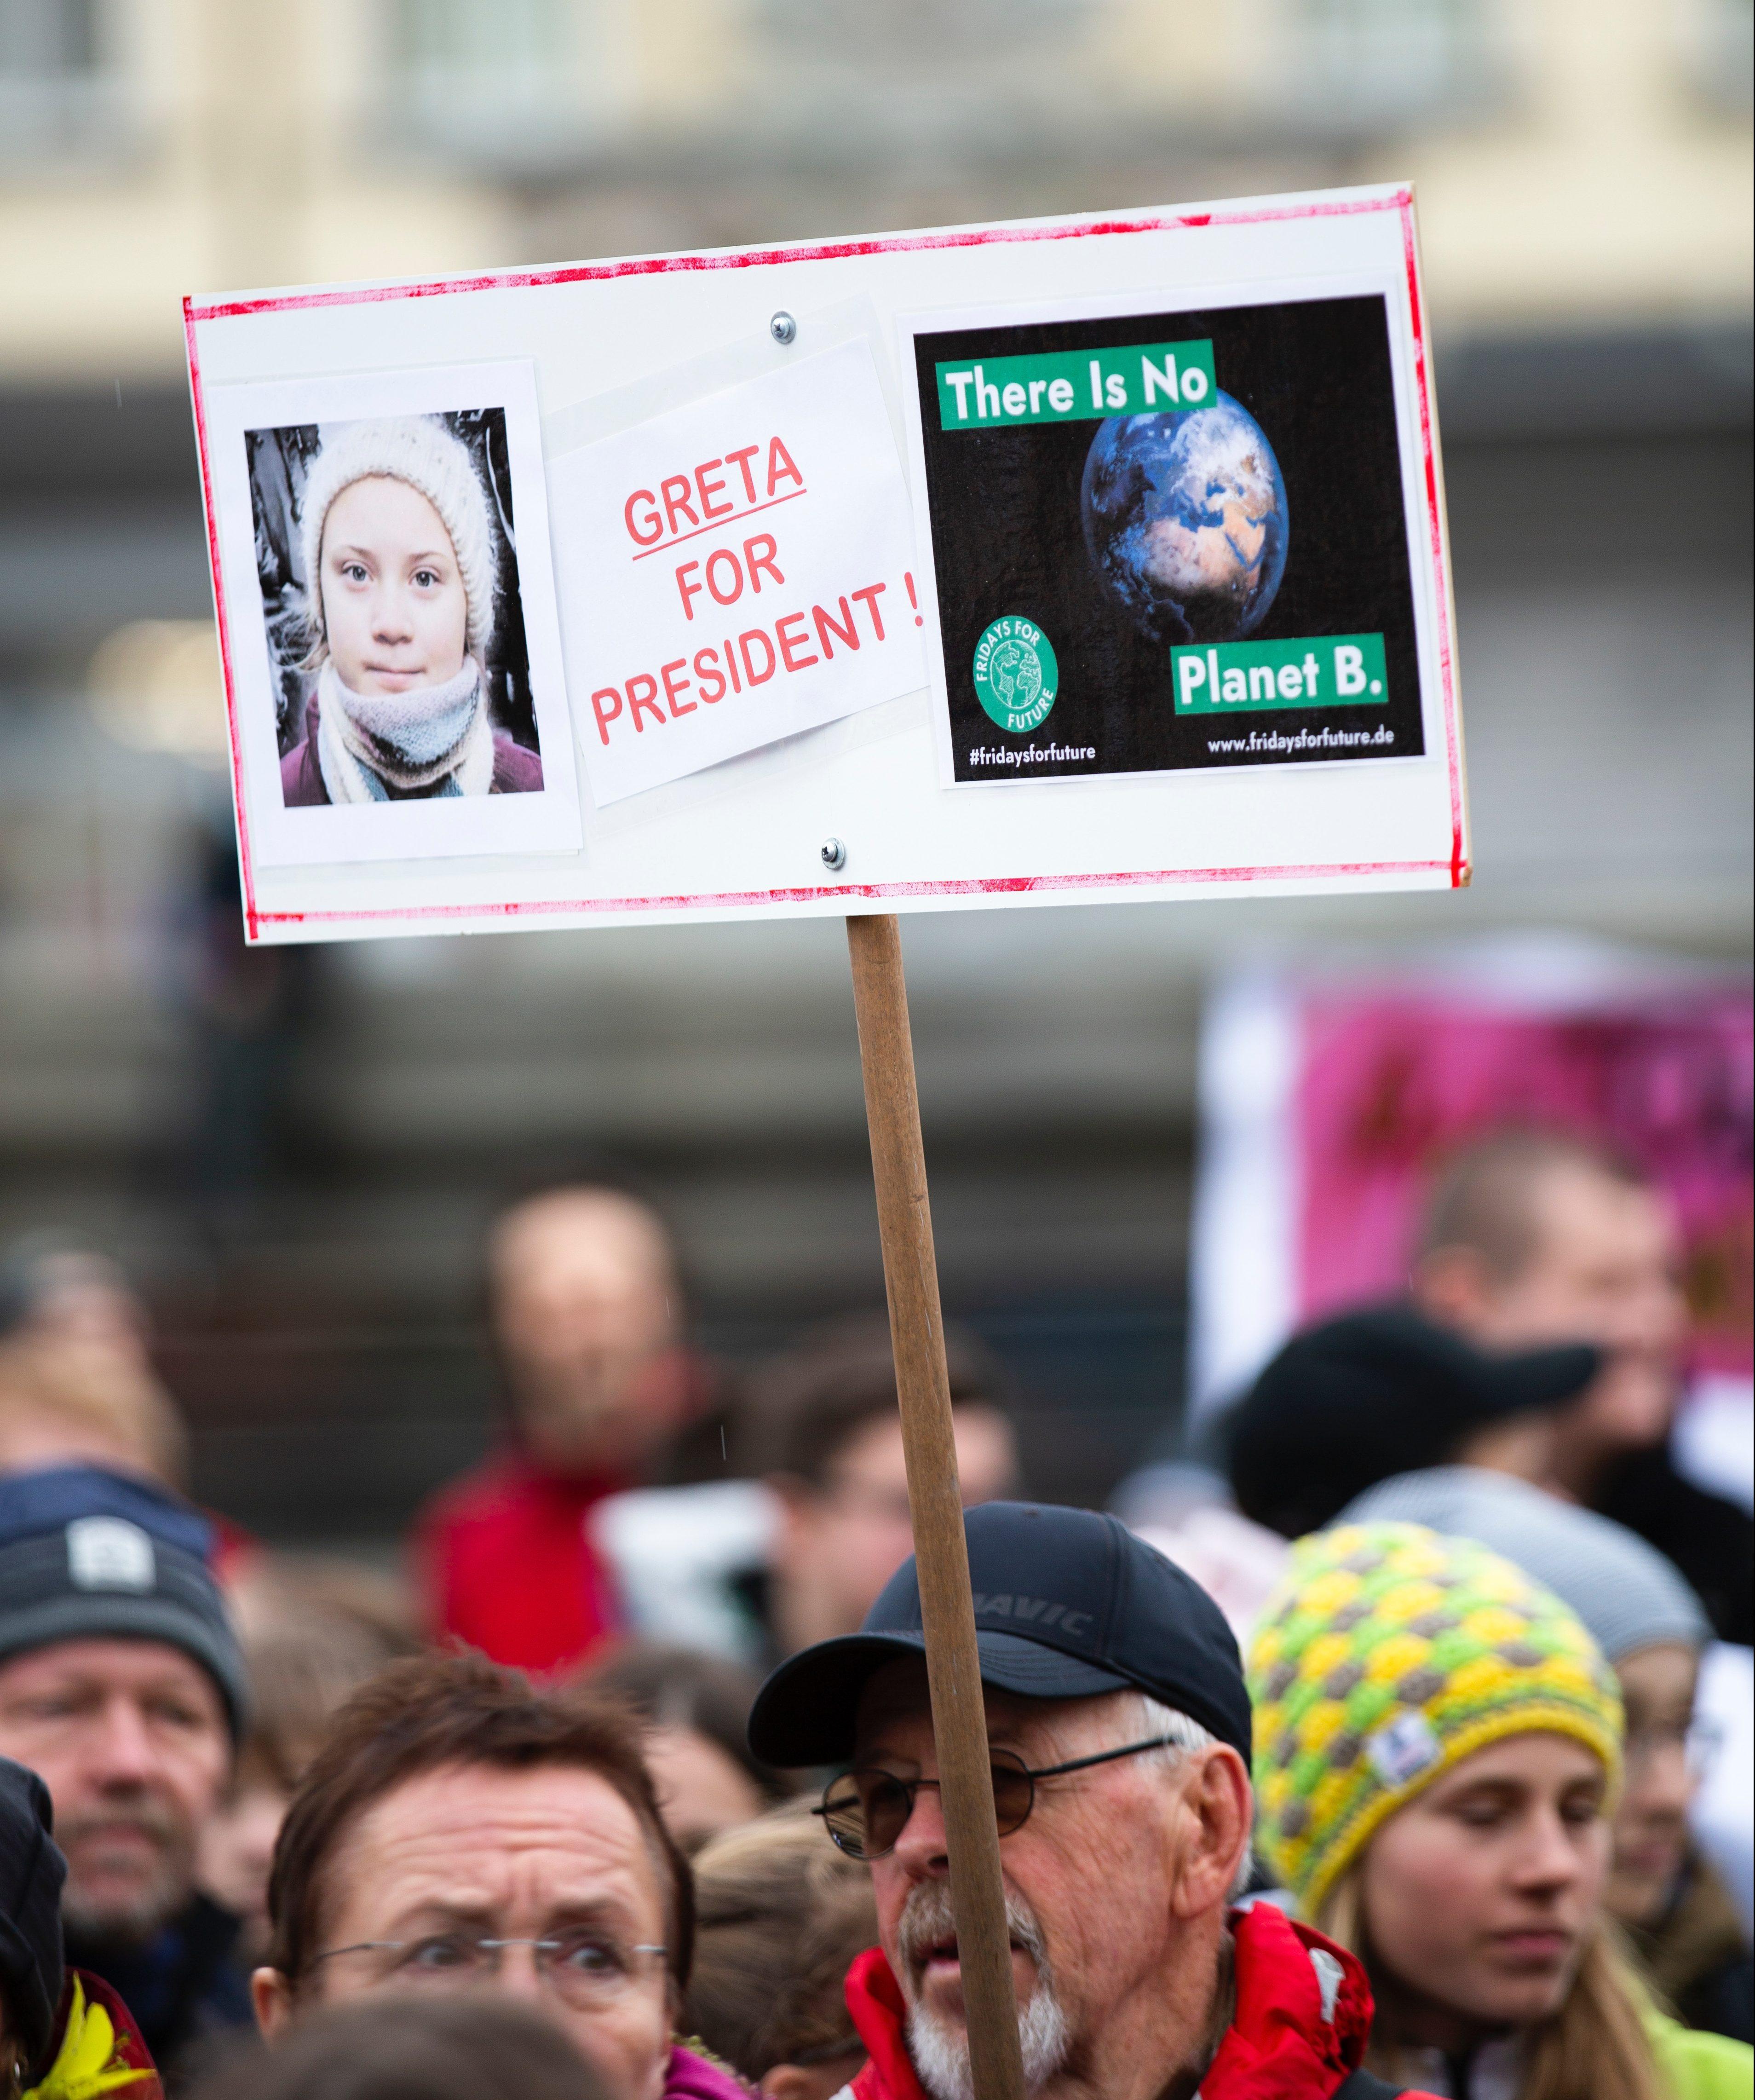 greta thunberg klimaaktivist (Foto: Unsplash)